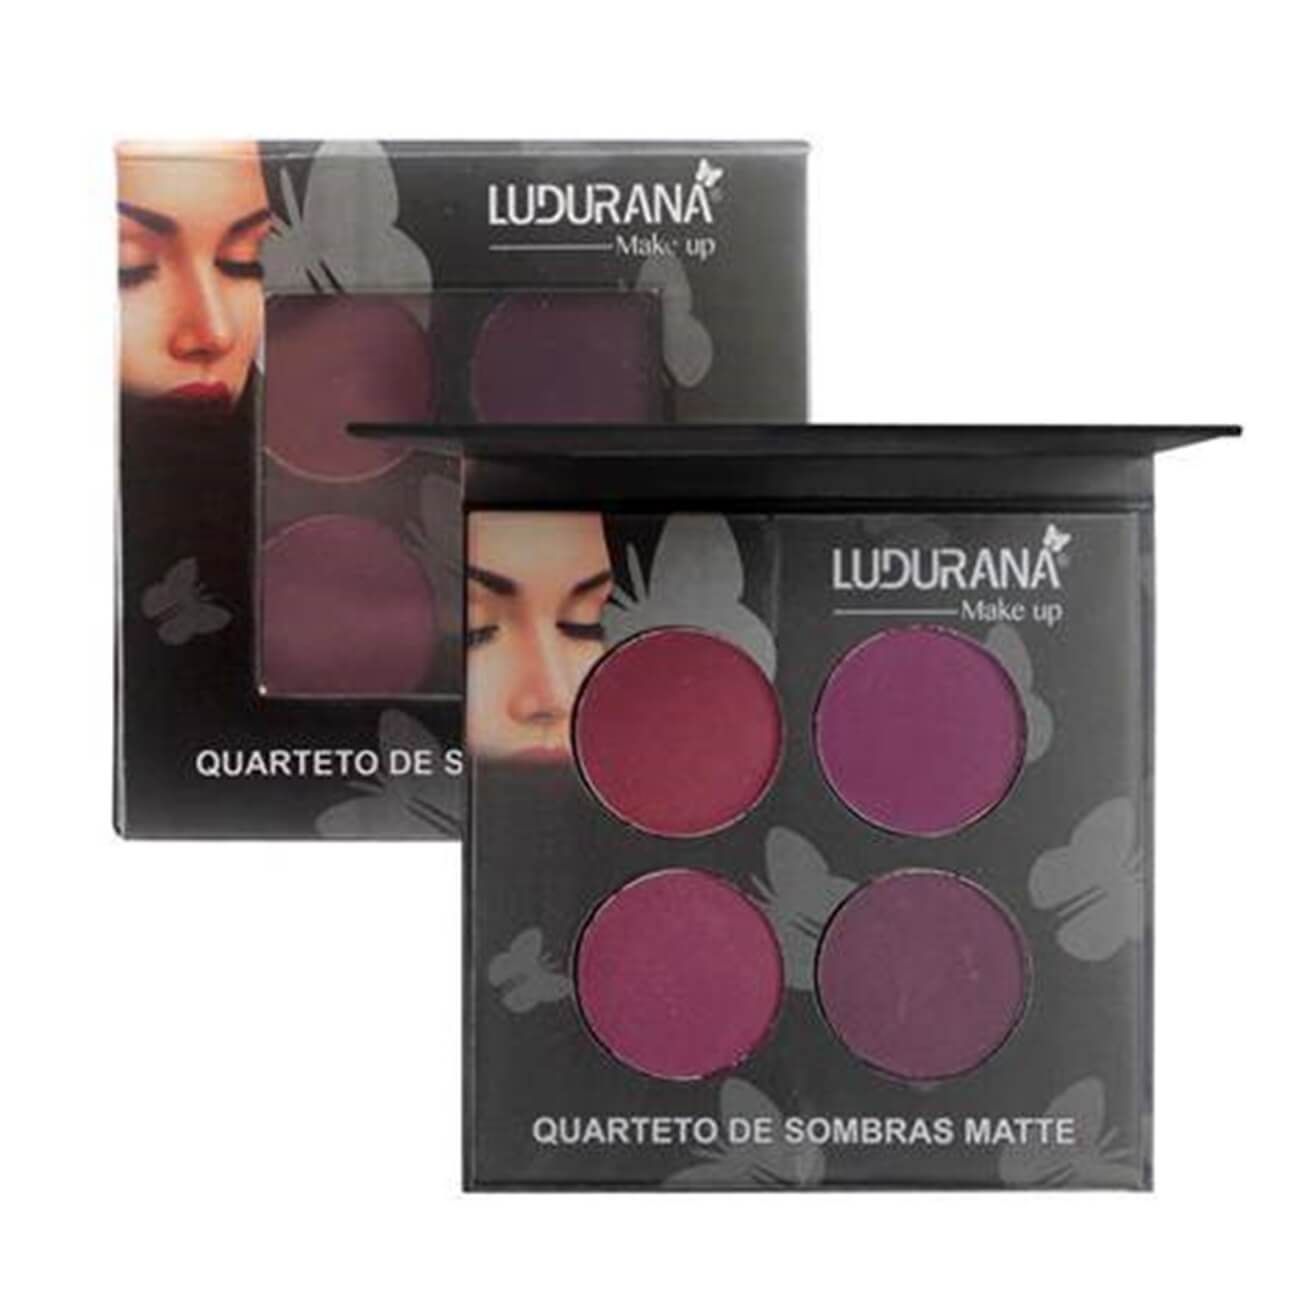 Quarteto de Sombras Matte - Ludurana Make up